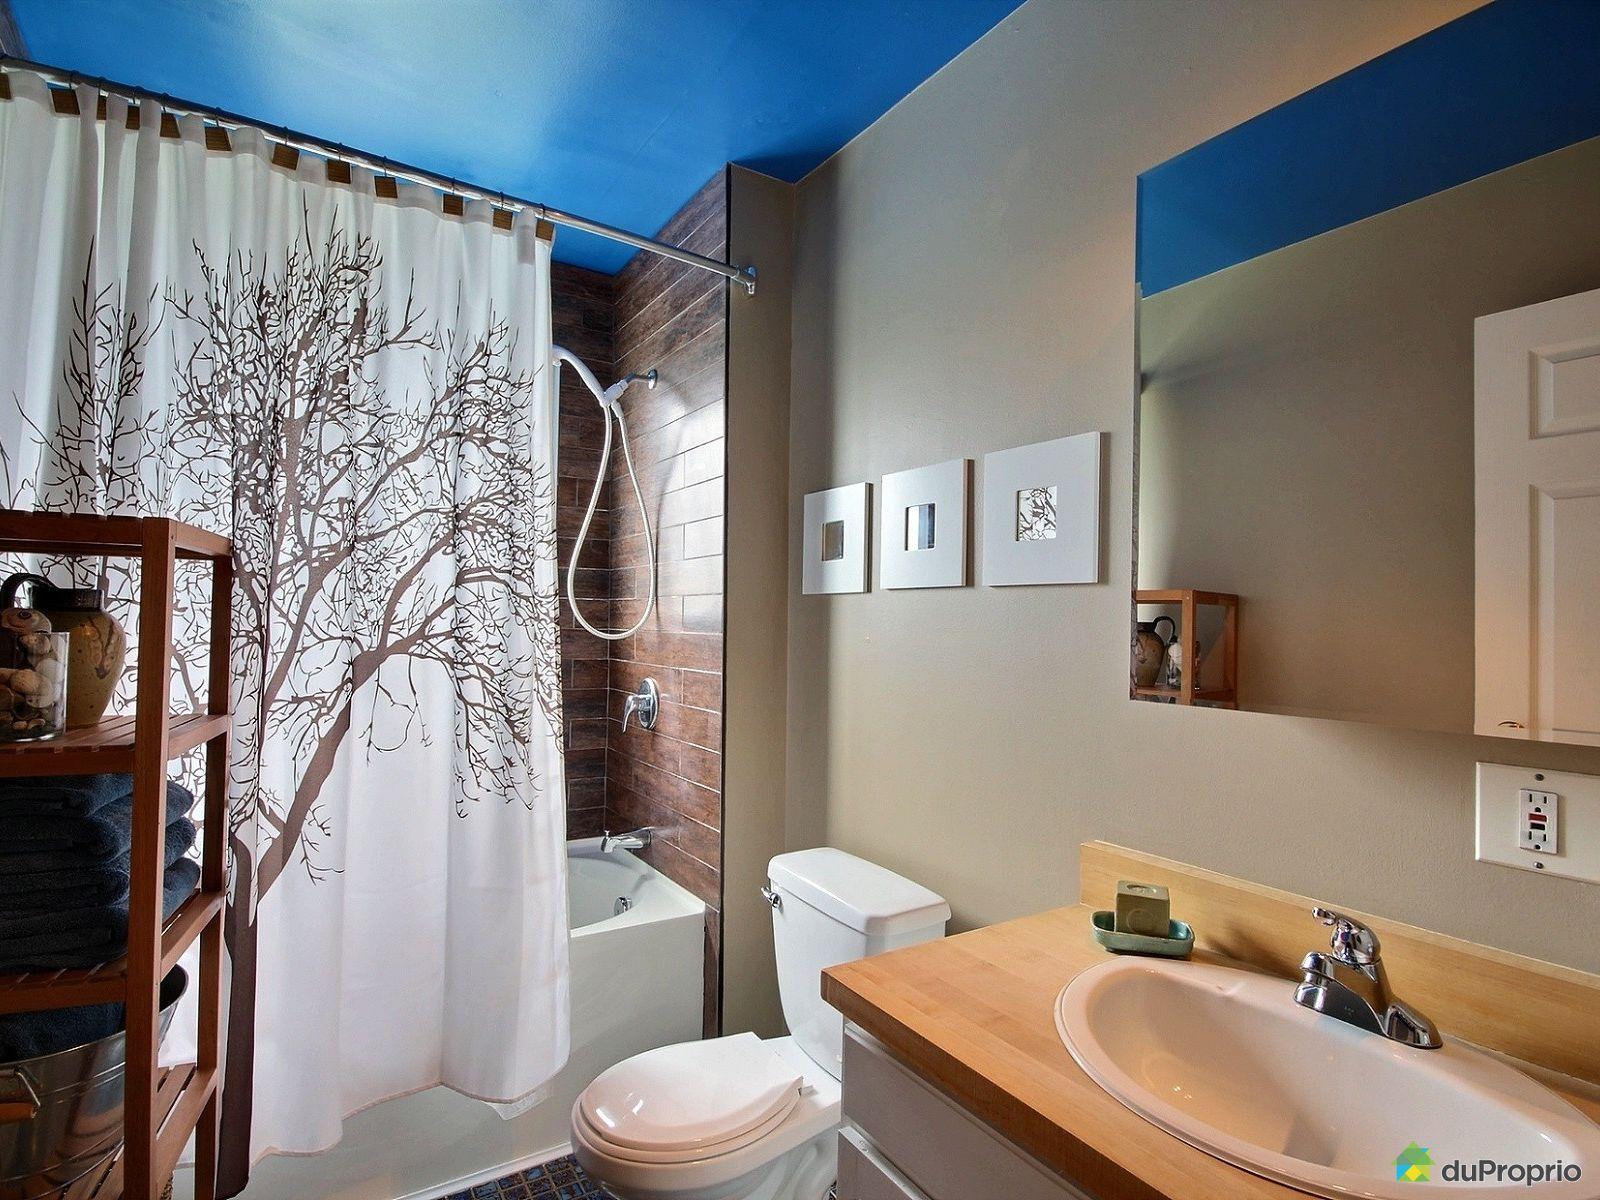 Maison vendre st eustache 272 rue de monaco immobilier for Salle de bain 25 st eustache